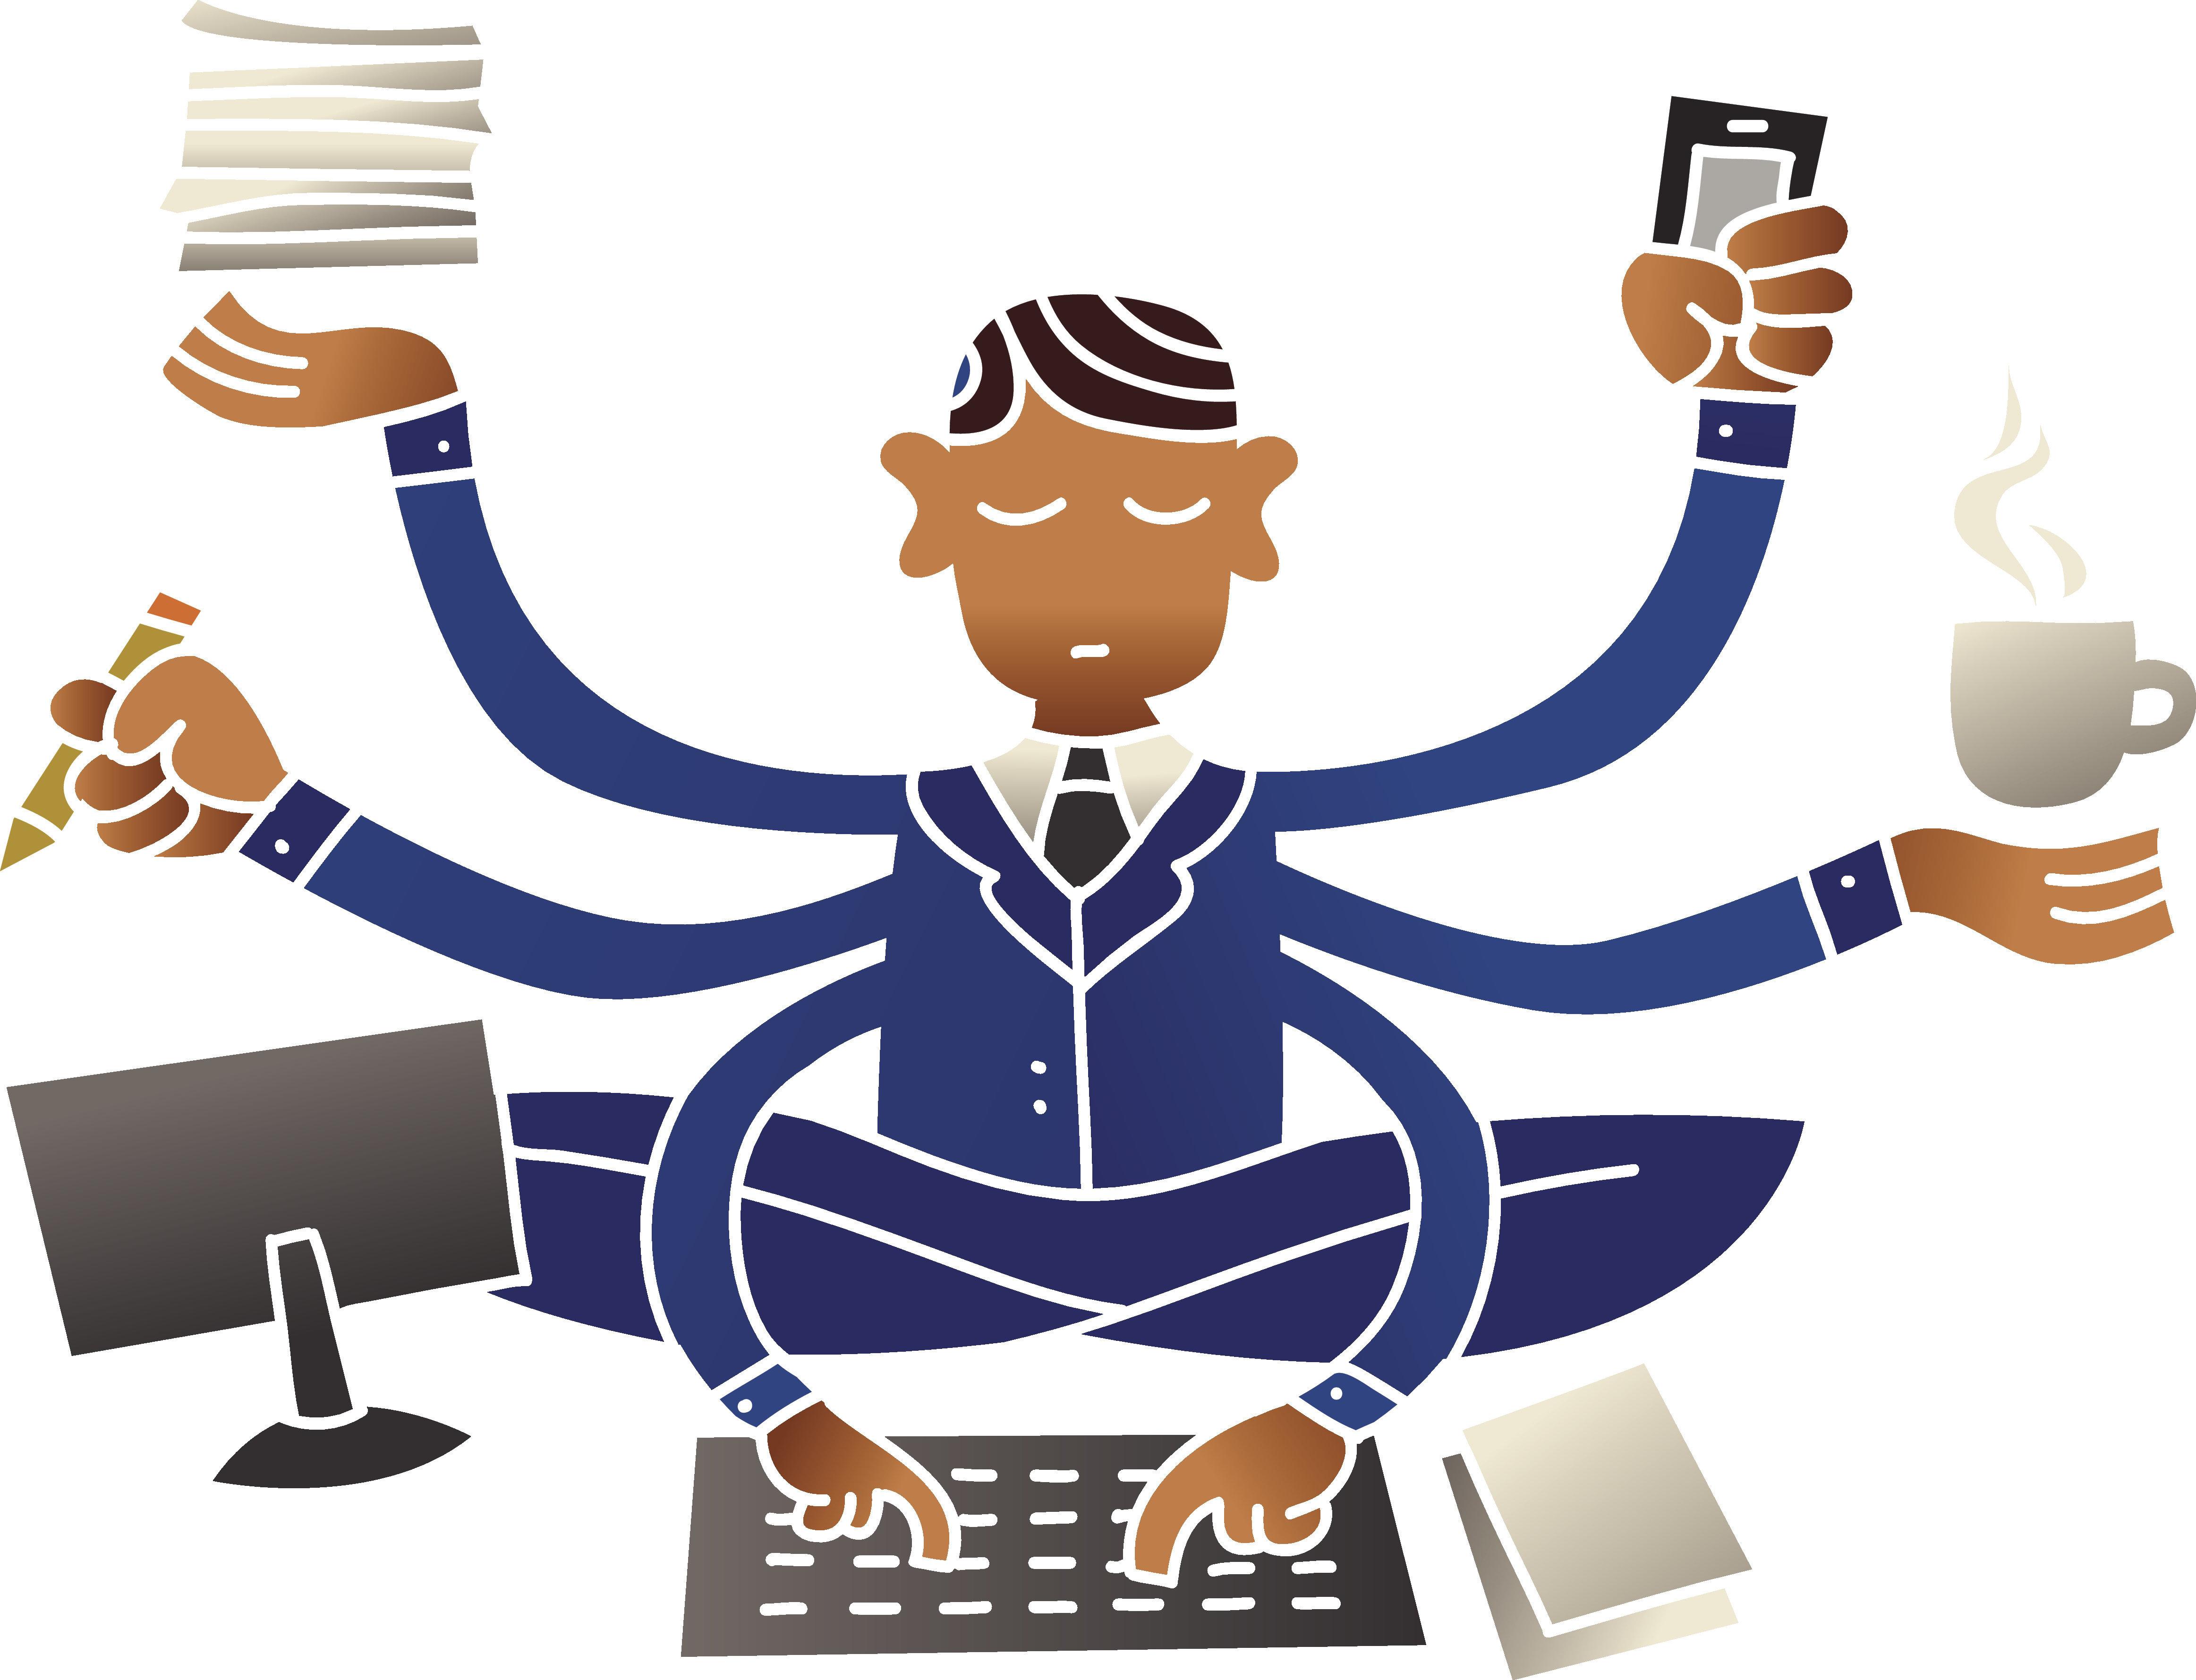 Businessman multitasking at work.